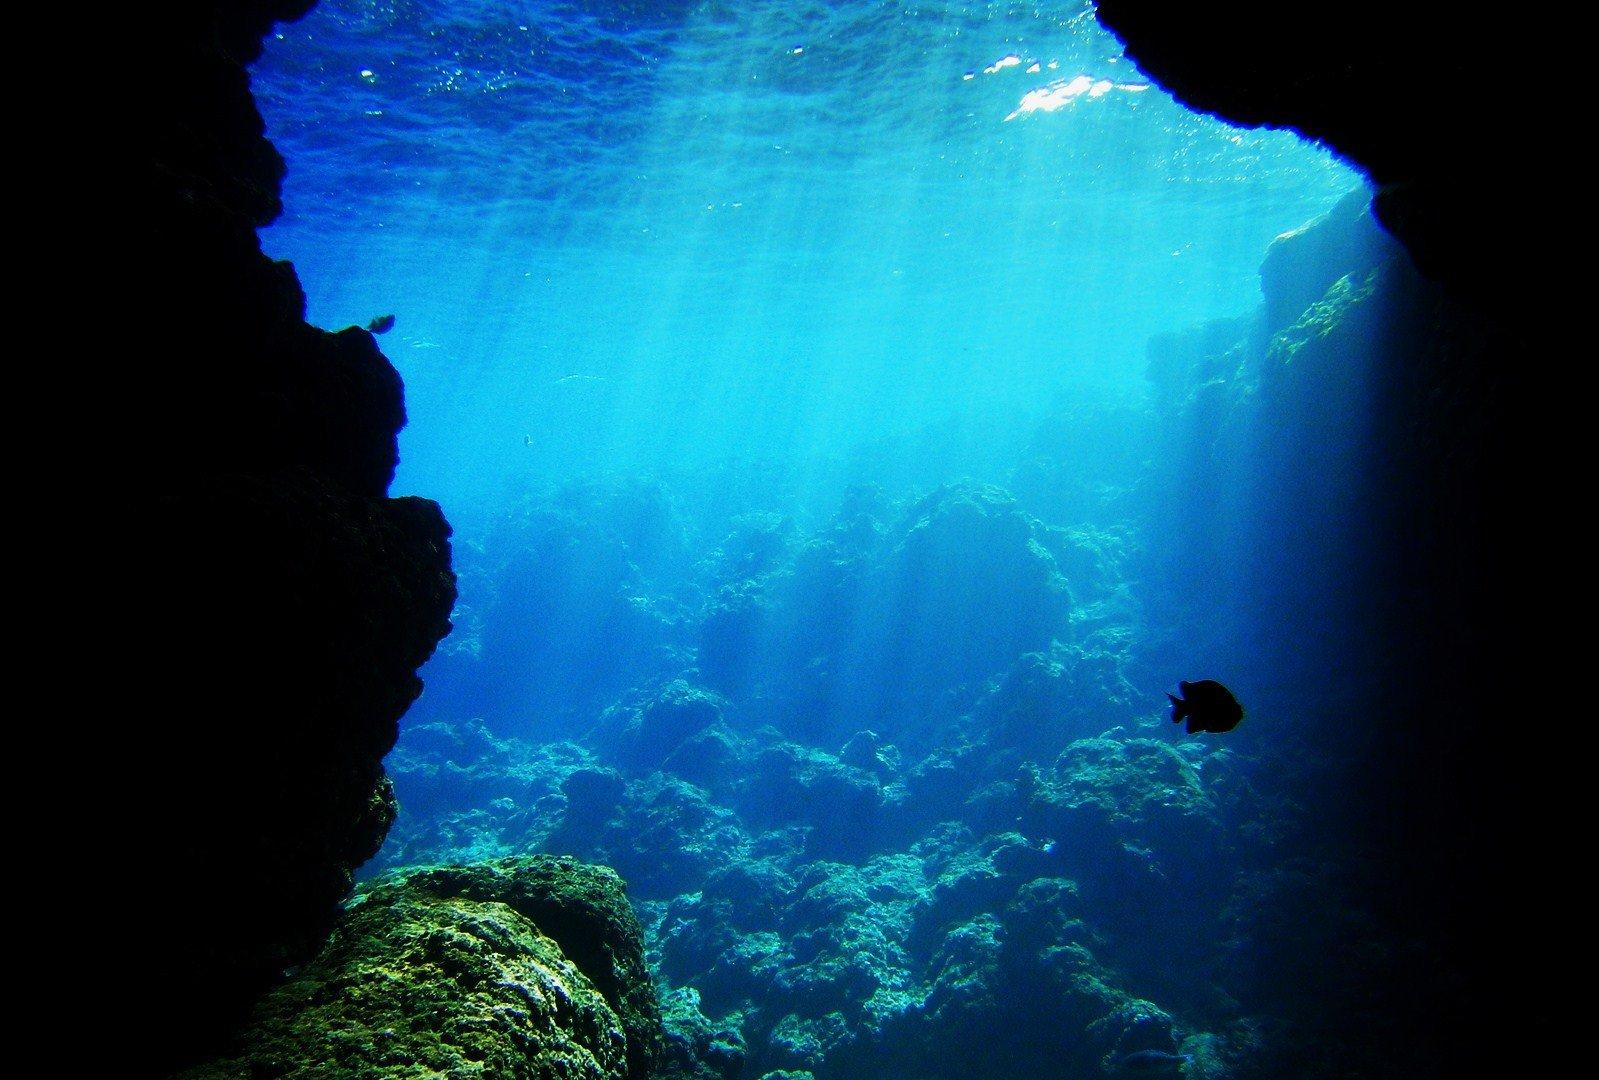 イタリアやギリシャだけじゃない!日本にもある素敵すぎる沖縄の青の洞窟